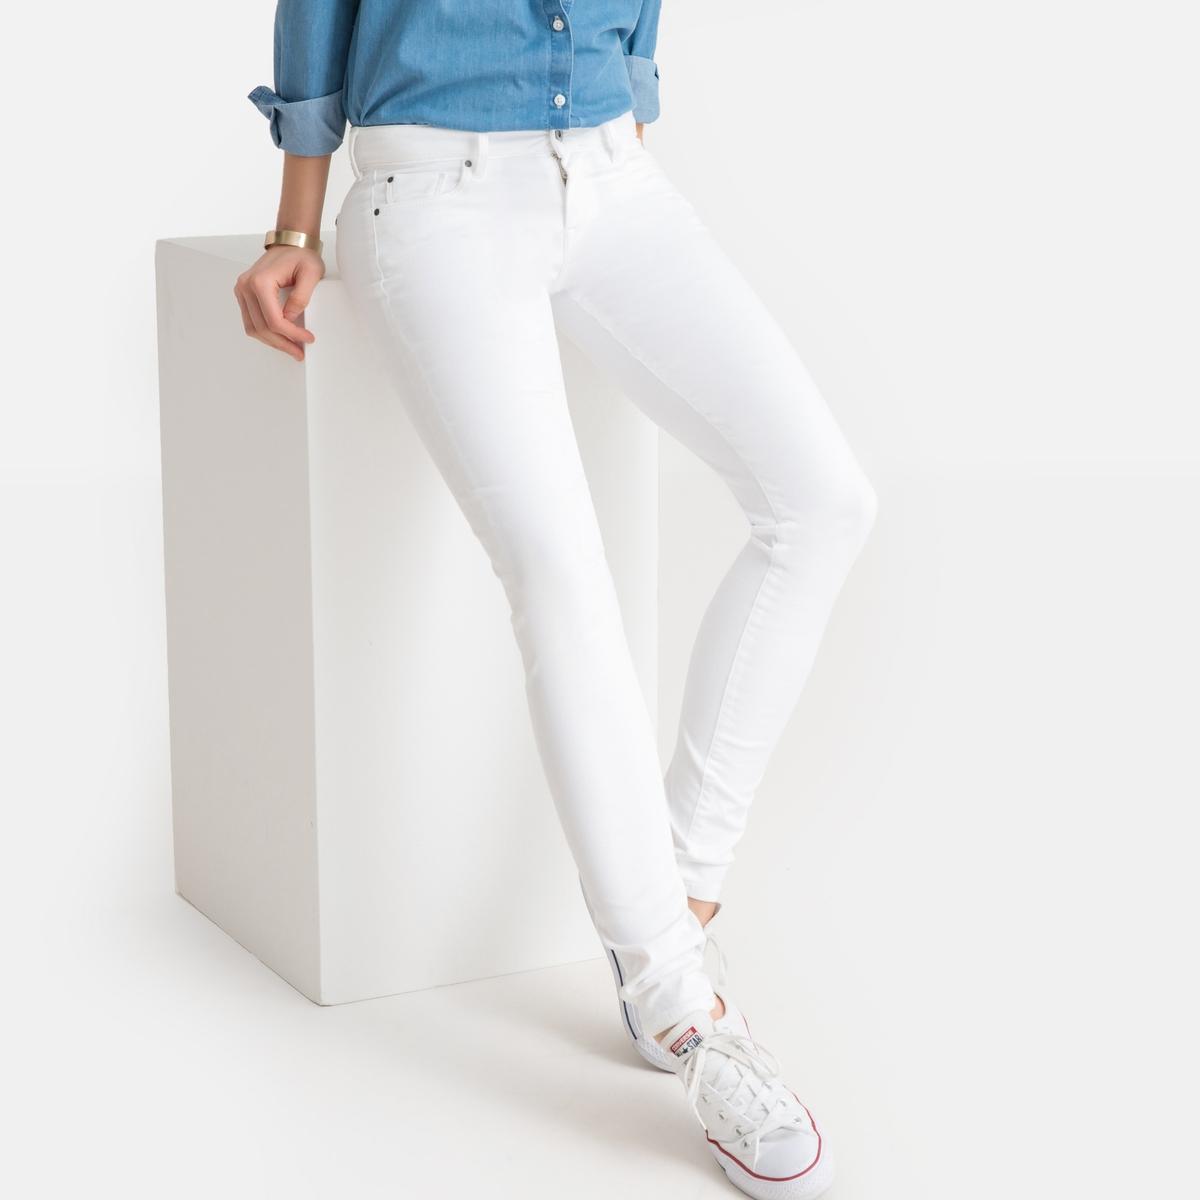 Imagen secundaria de producto de Pantalón slim pitillo Soho - Pepe Jeans